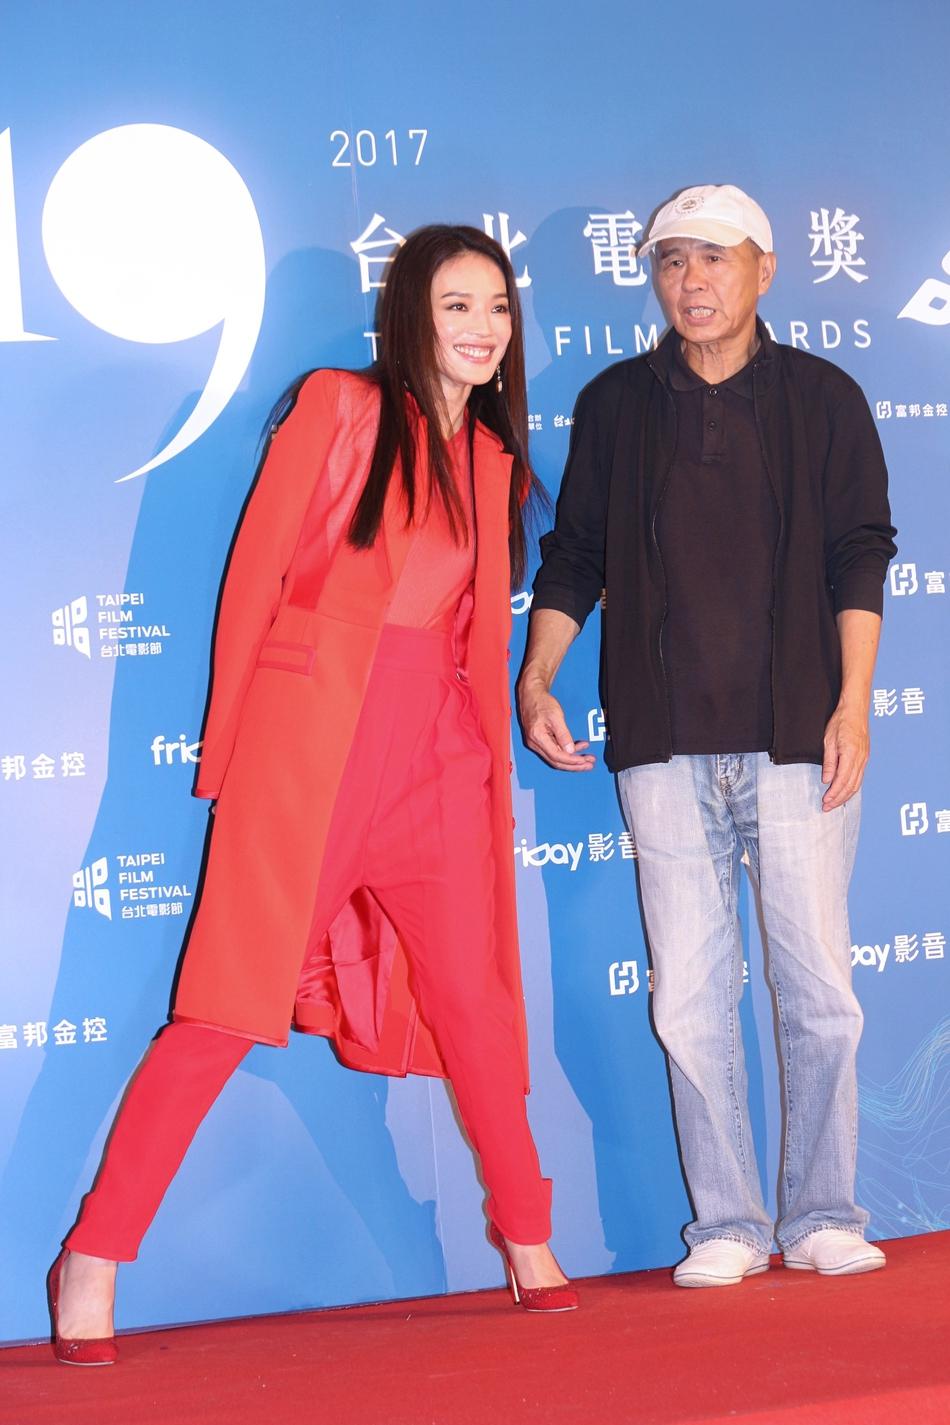 台北电影节众星争艳 舒淇红衣惹眼许玮宁发型老气